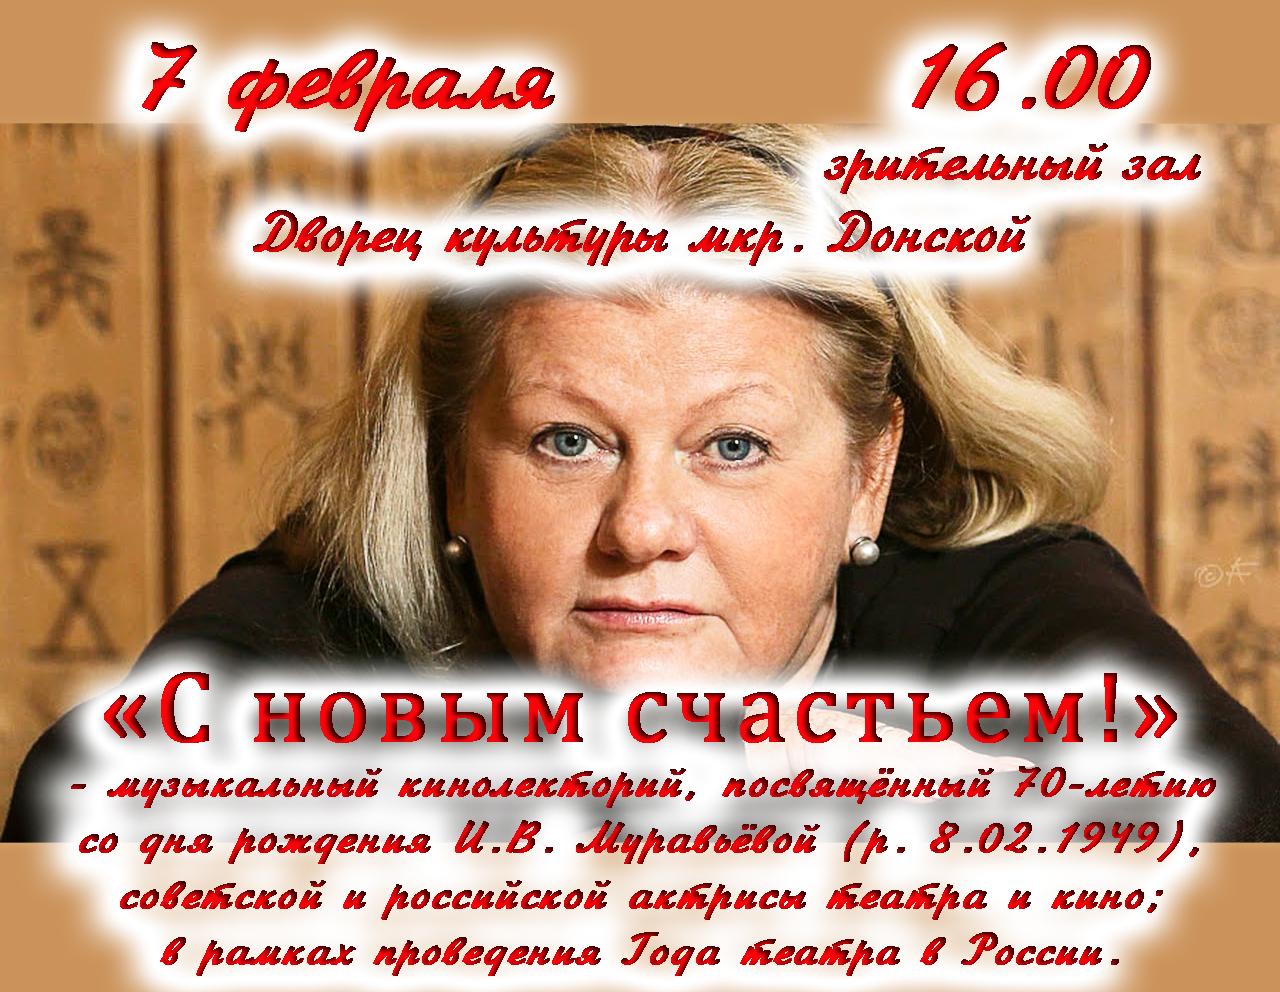 Дворец культуры микрорайона Донской приглашает на музыкальный кинолекторий